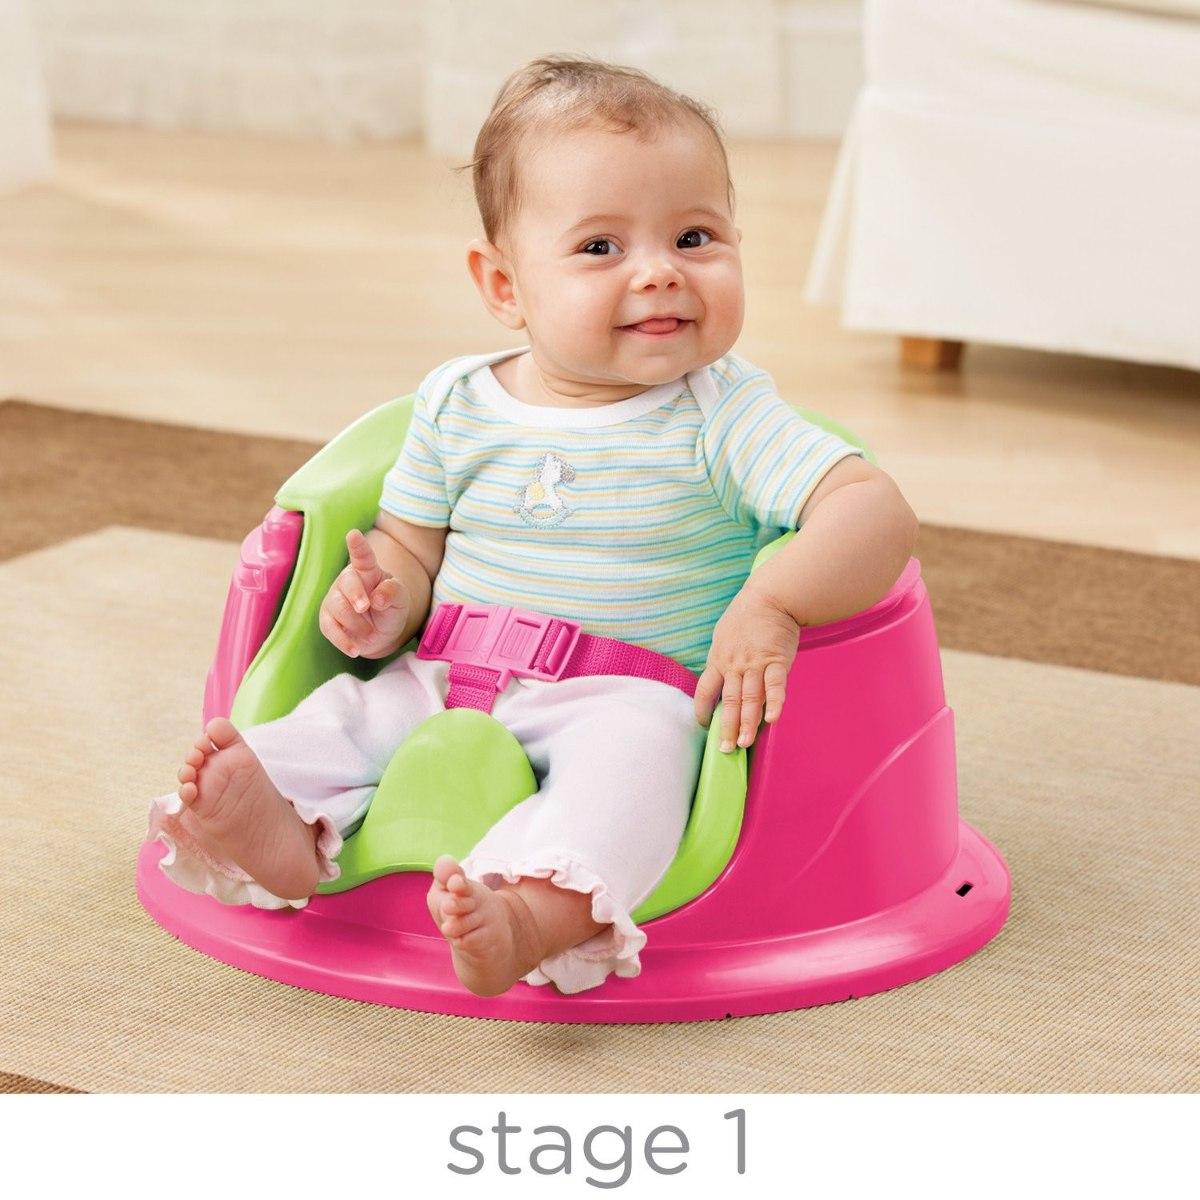 Silla booster gimnasio summer infant para bebe 3 etapa bumbo 1 en mercado libre - Silla de mesa para bebe ...